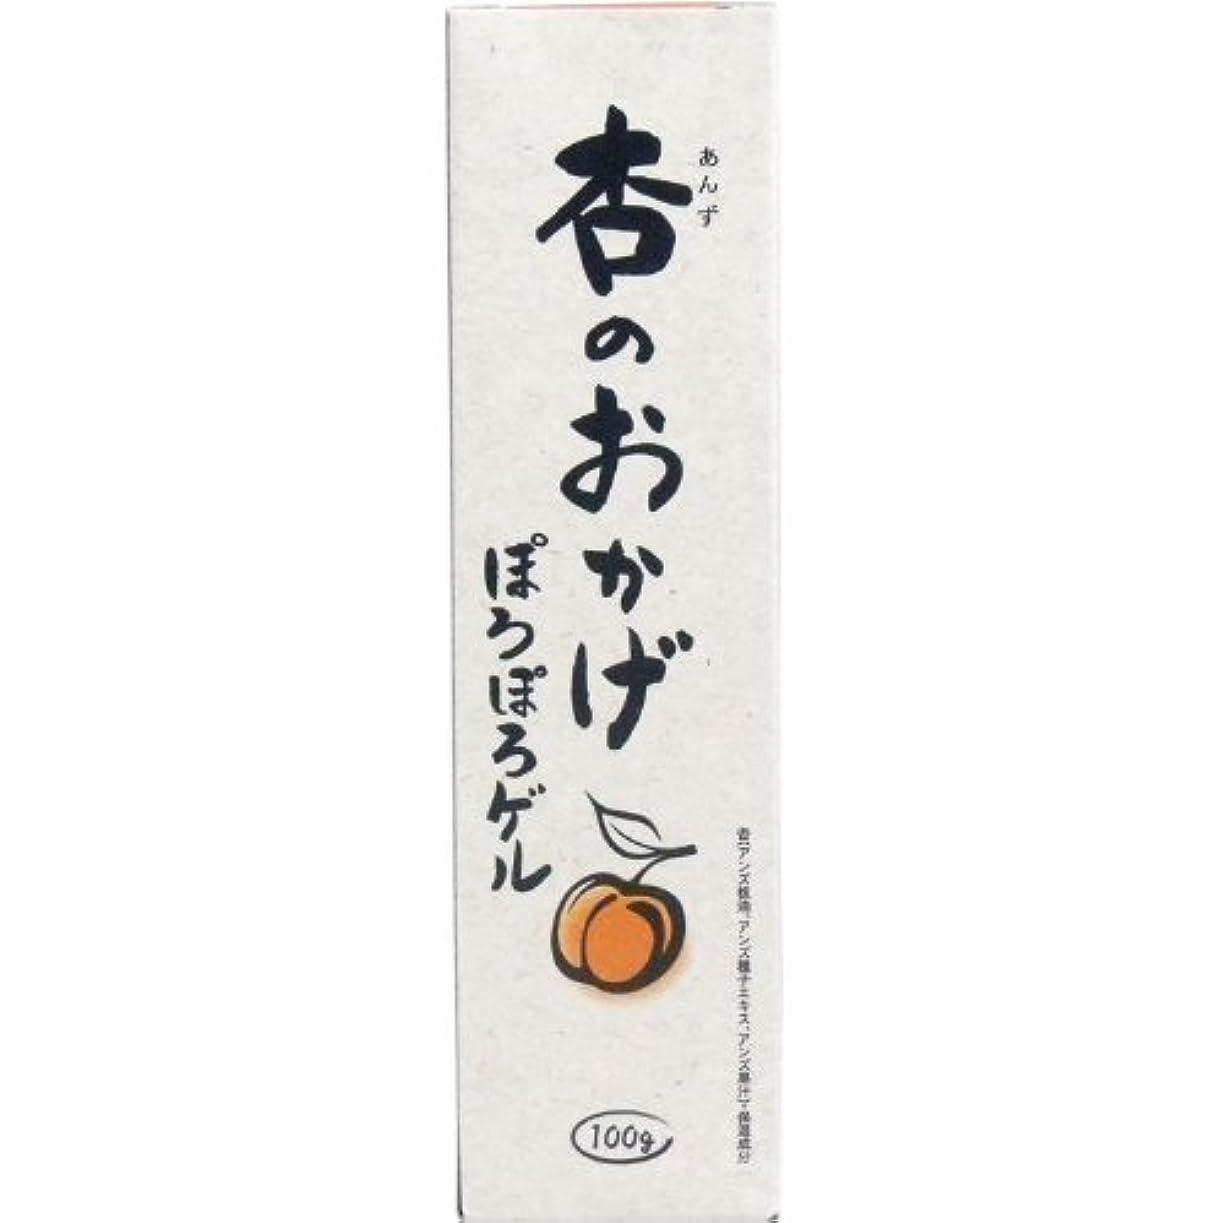 偽造発生器到着杏のおかげ ぽろぽろゲル 100g【2個セット】